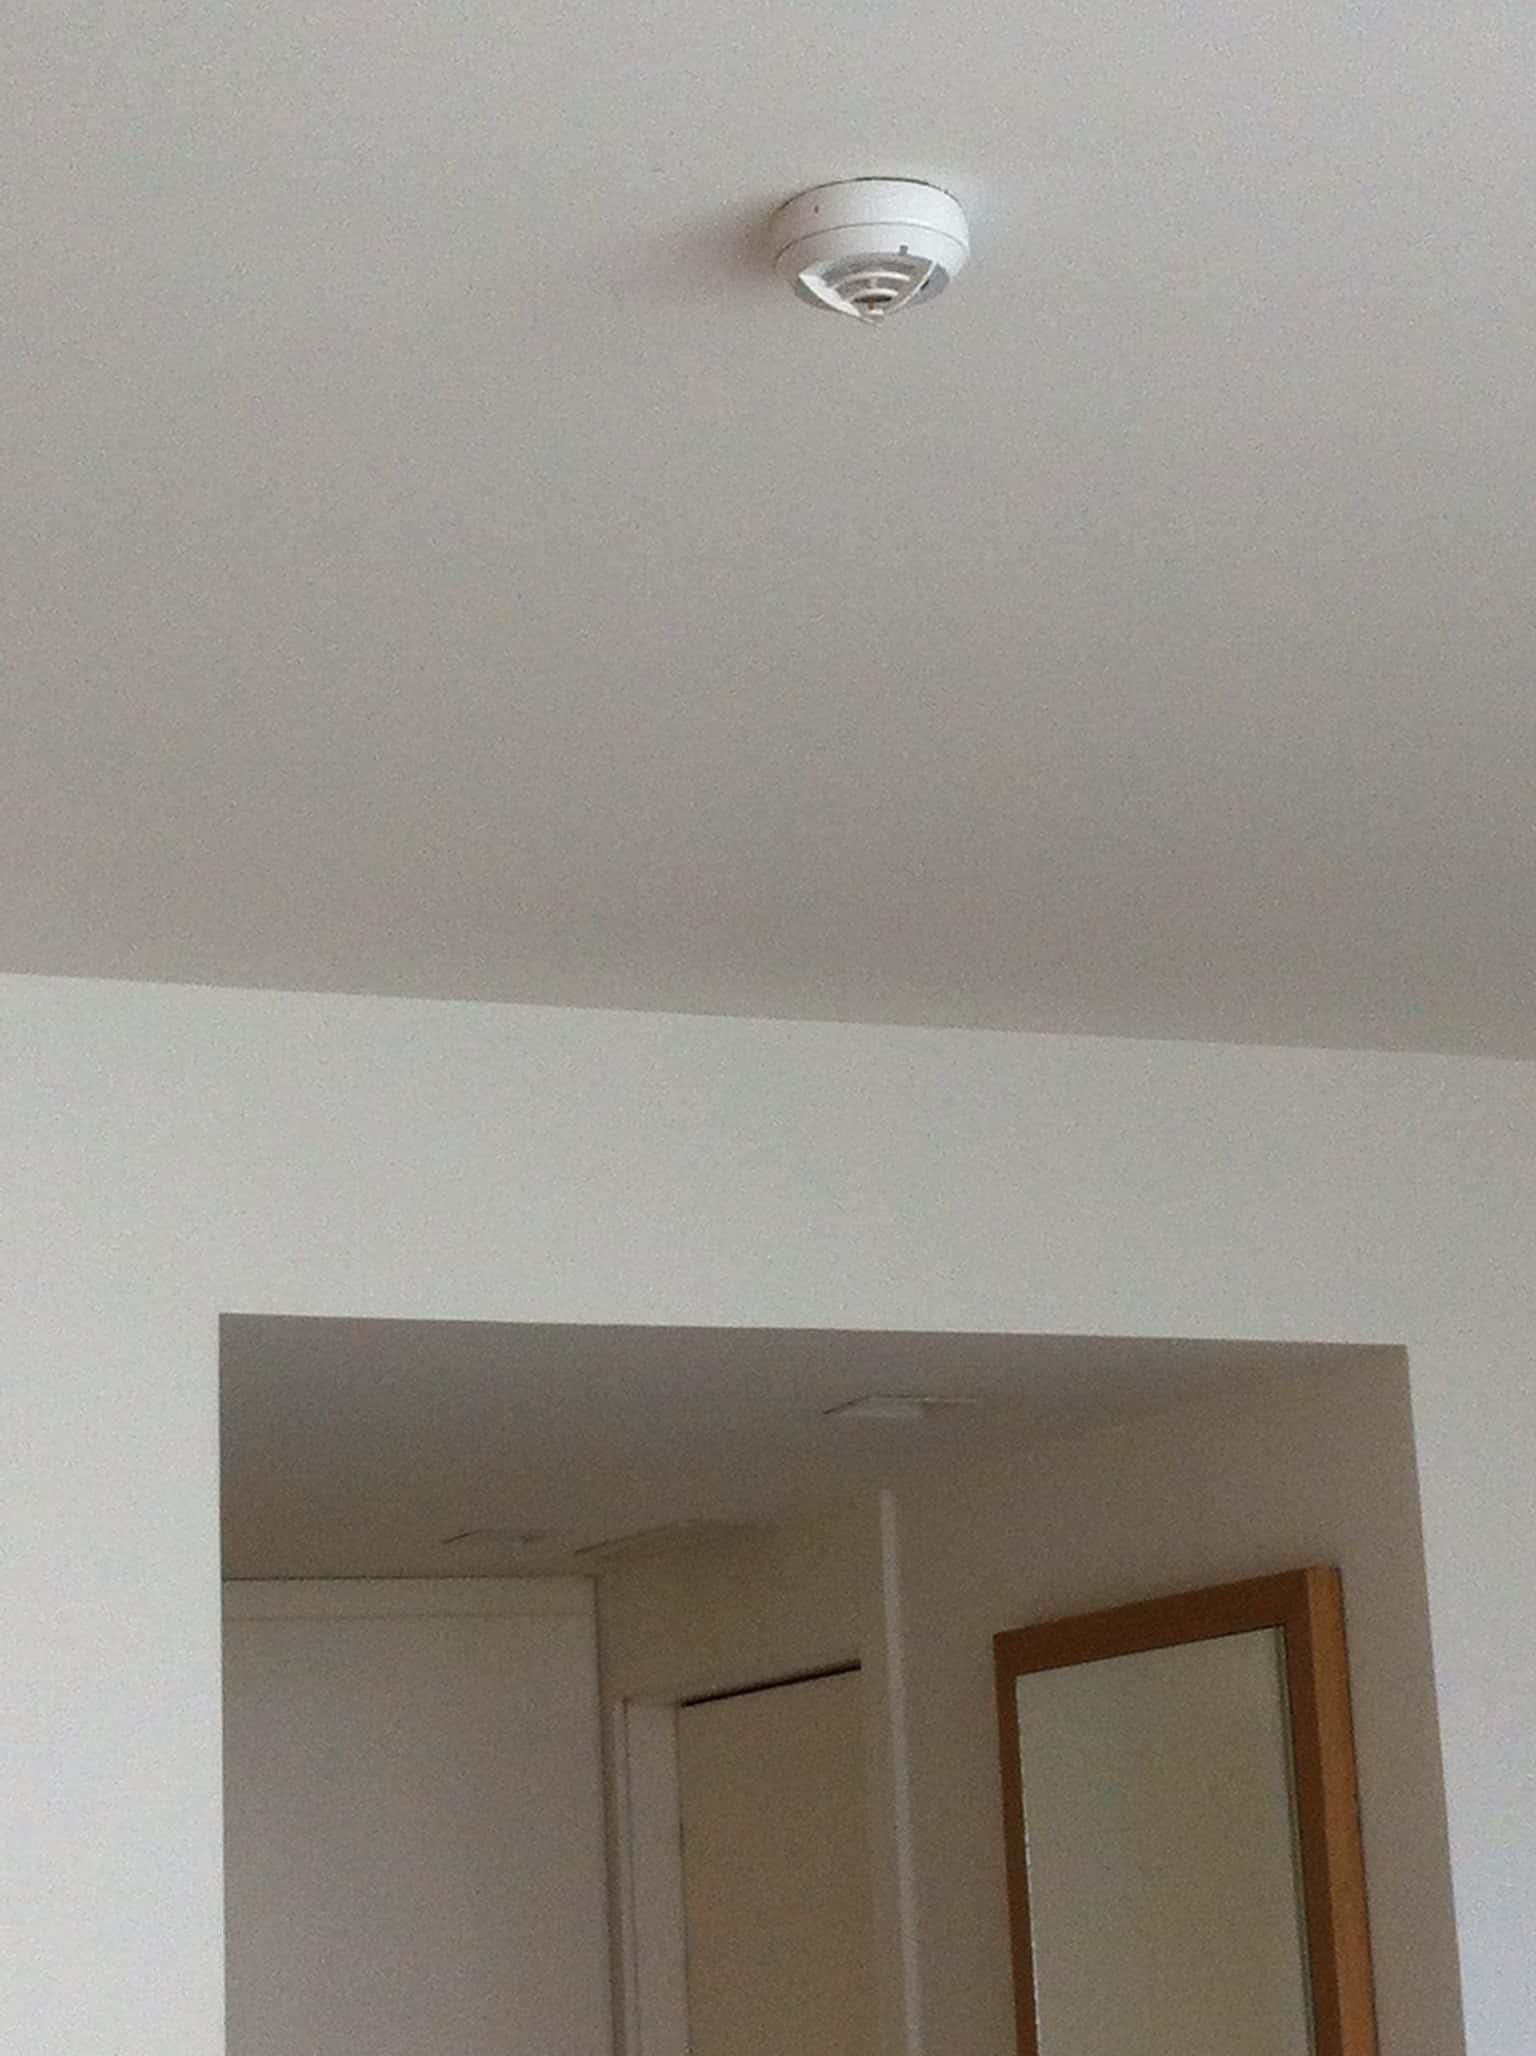 Chapuzas en habitaciones de hoteles en las instalaciones - Detectores de humo ...